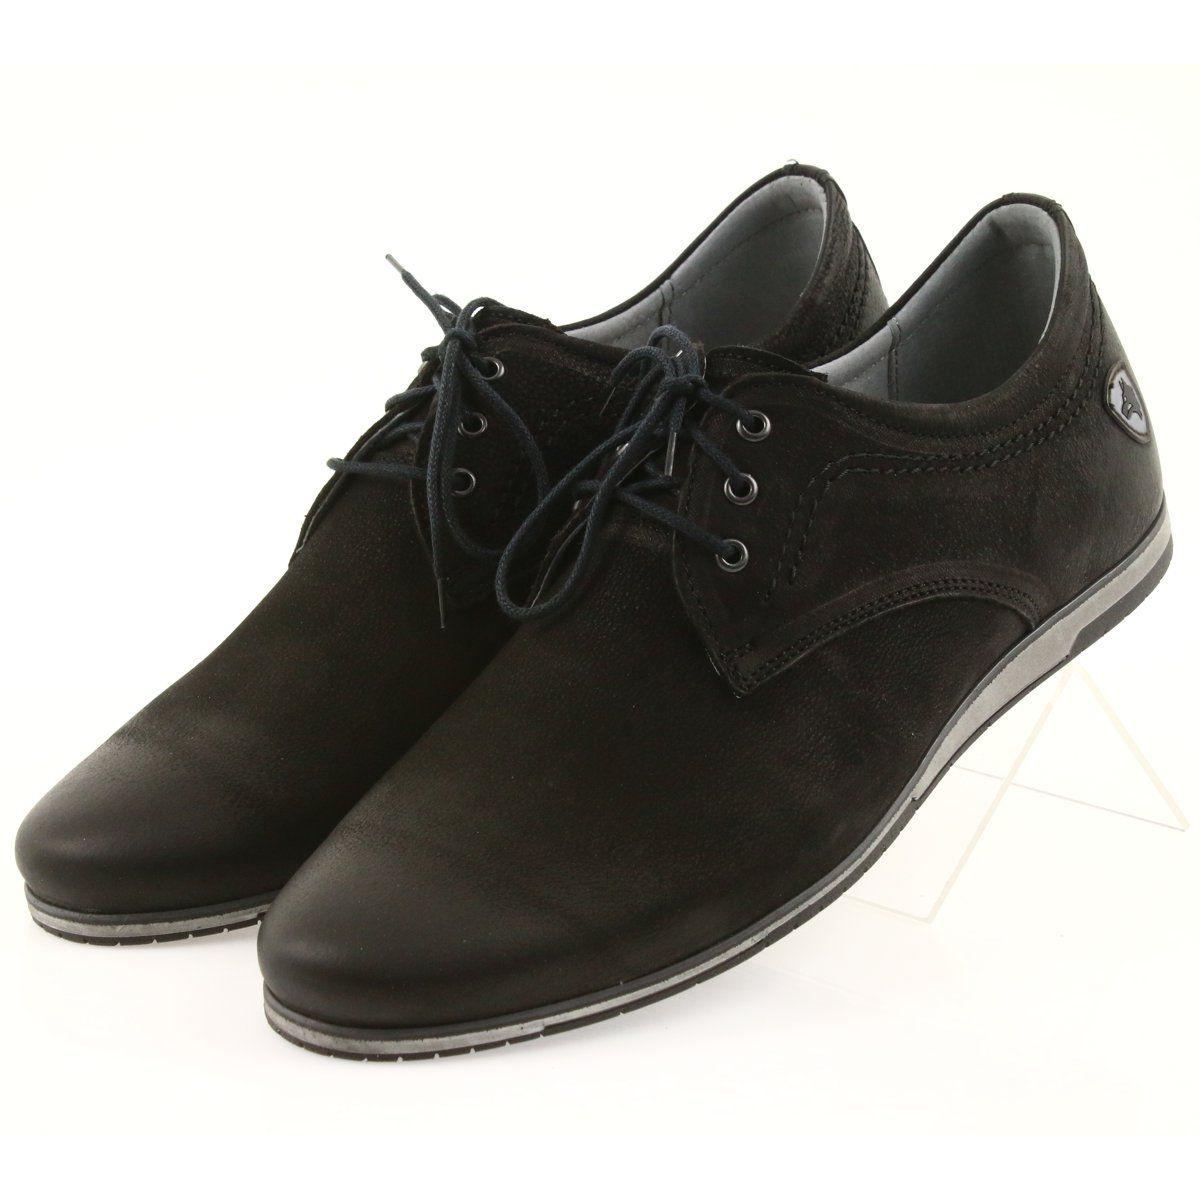 Polbuty Meskie Riko Riko Polbuty Meskie Sportowe 877 Czarne Dress Shoes Men Shoes Shoes Mens